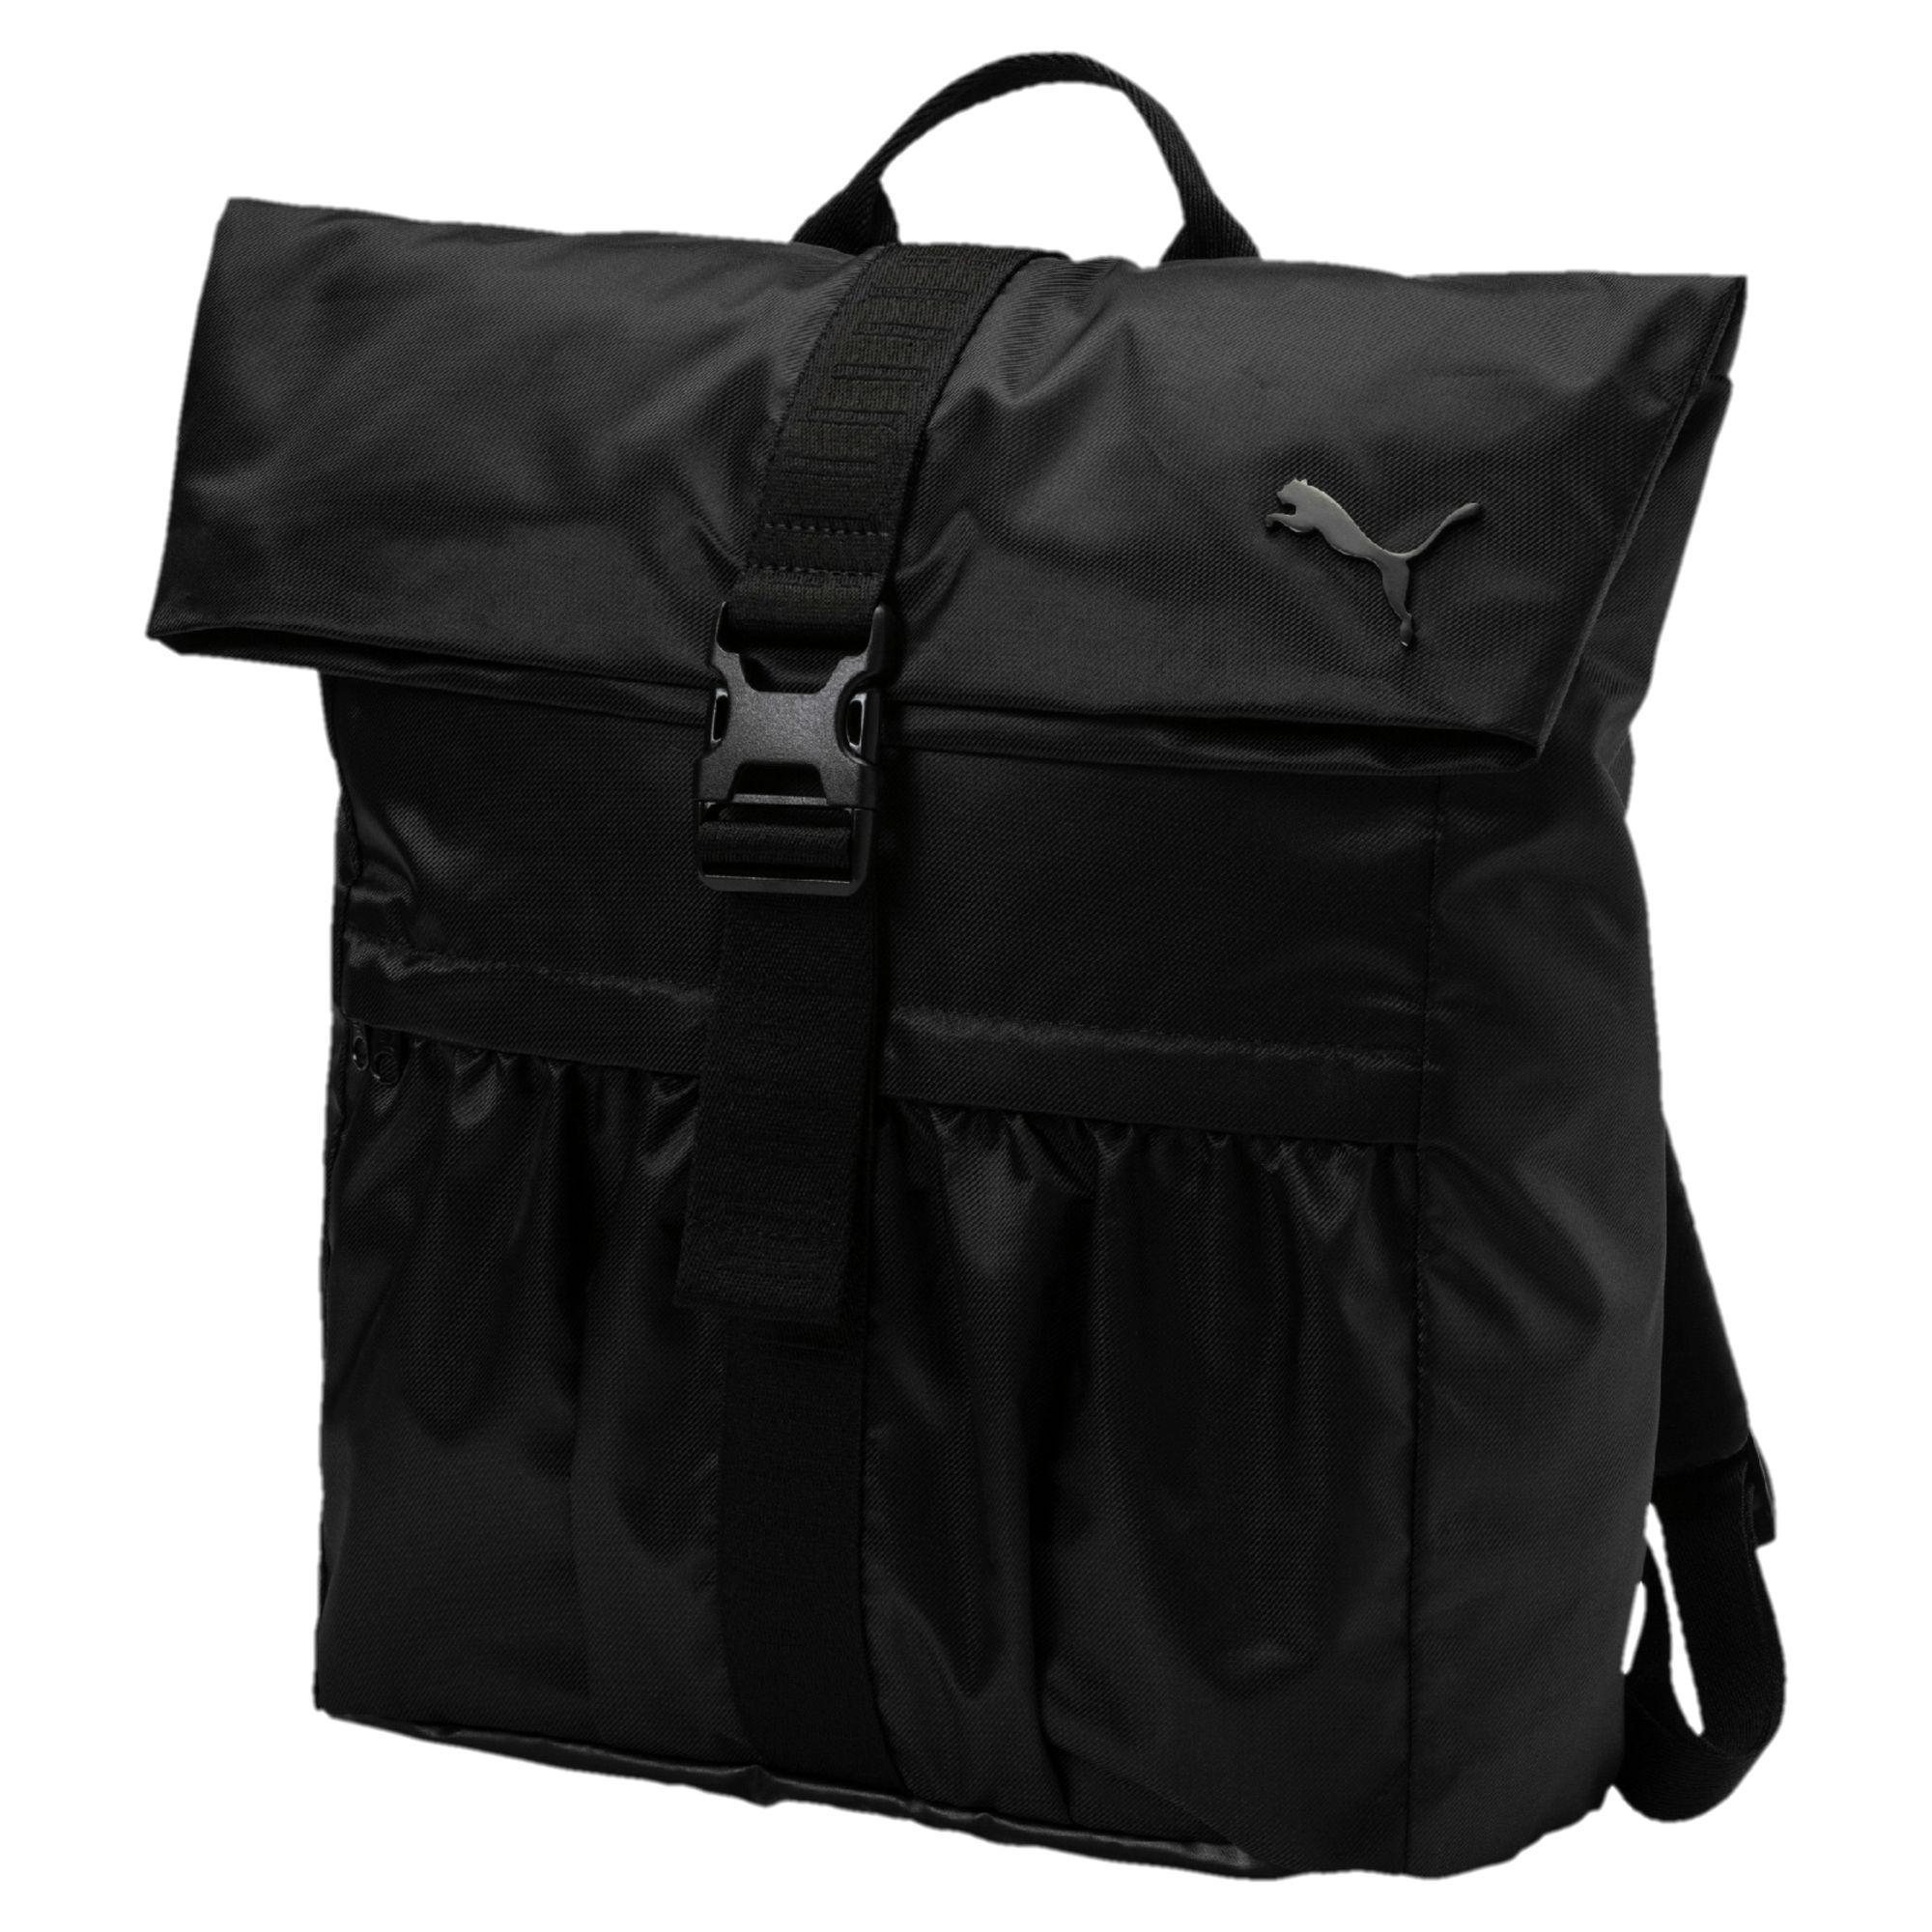 f5c55f1d7716 Rebel Sports Nike Backpack